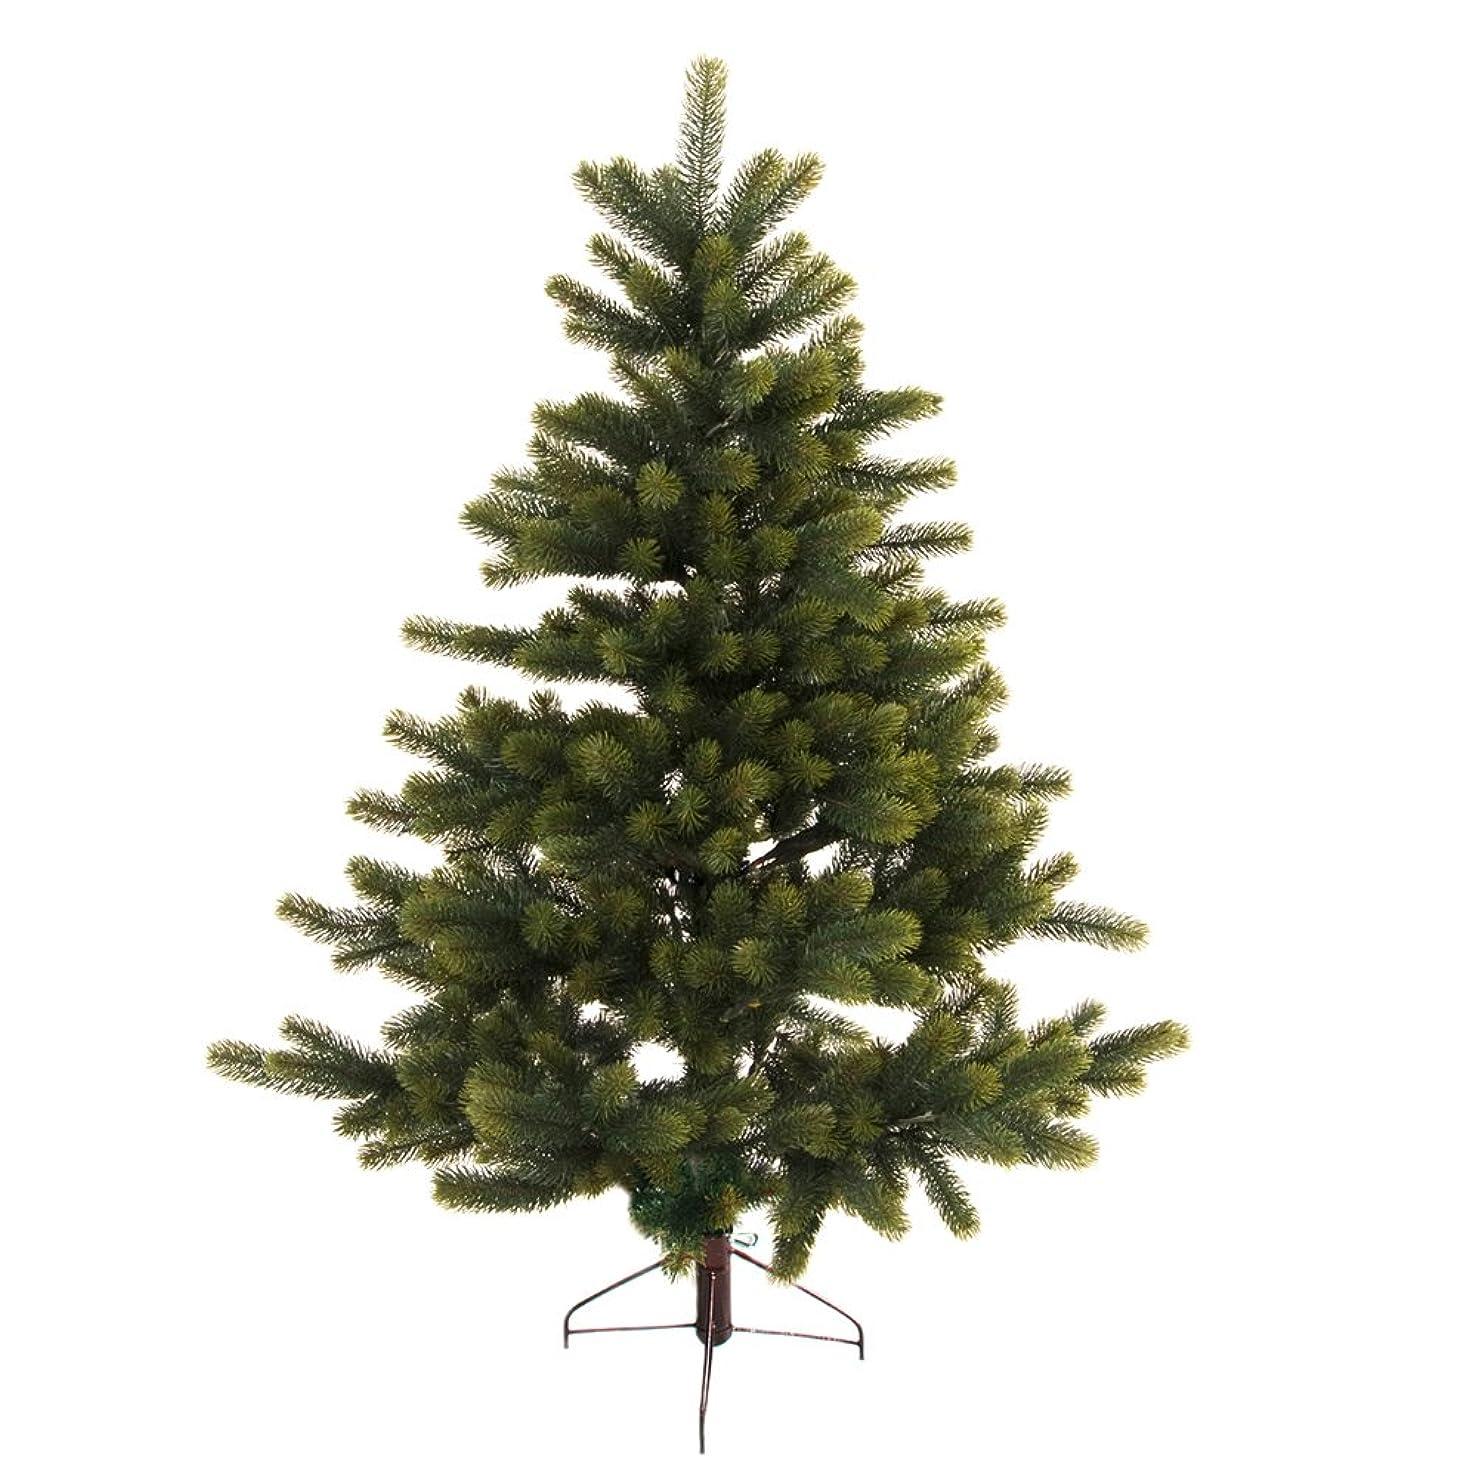 詐欺師累計ヤングRSグローバルトレード (RS GLOBAL TRADE) クリスマスツリー 120cm